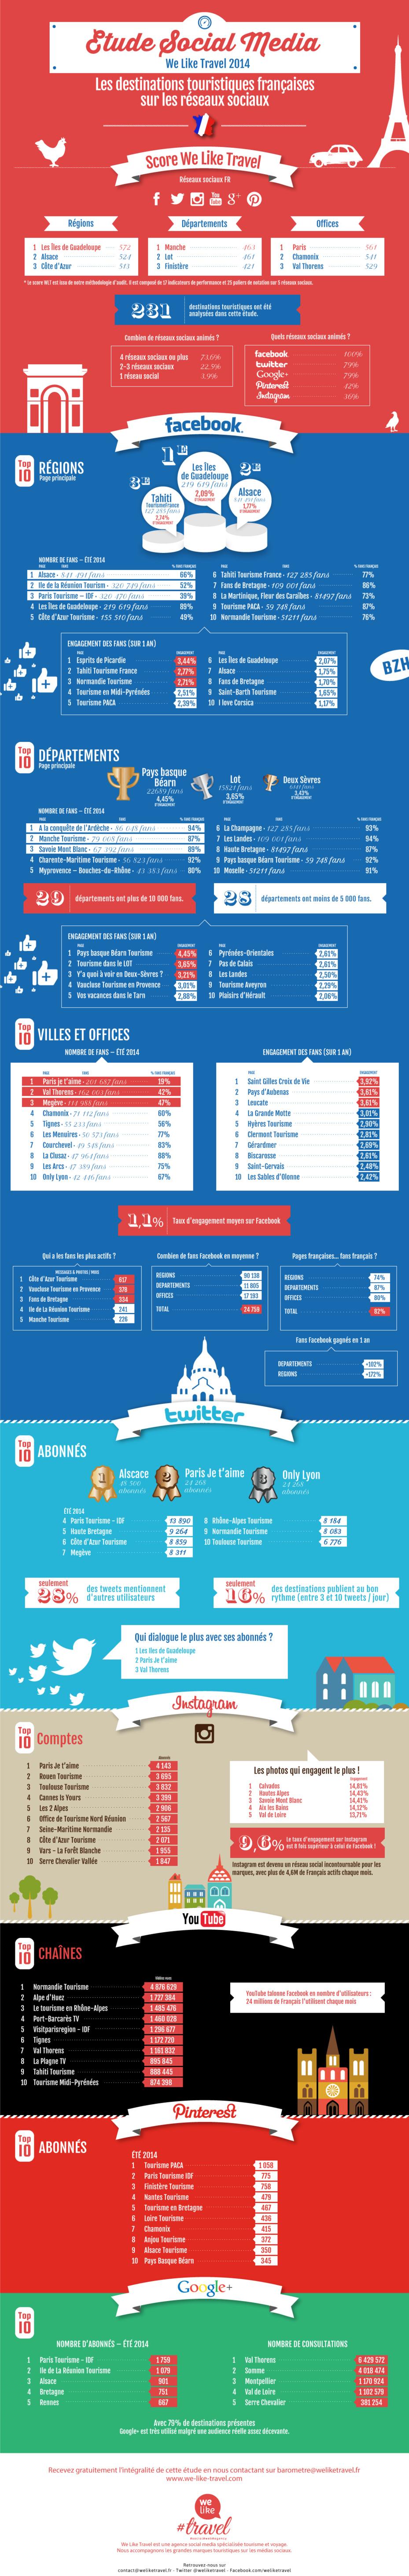 Quelles sont les destinations les plus actives sur les réseaux sociaux en France ?